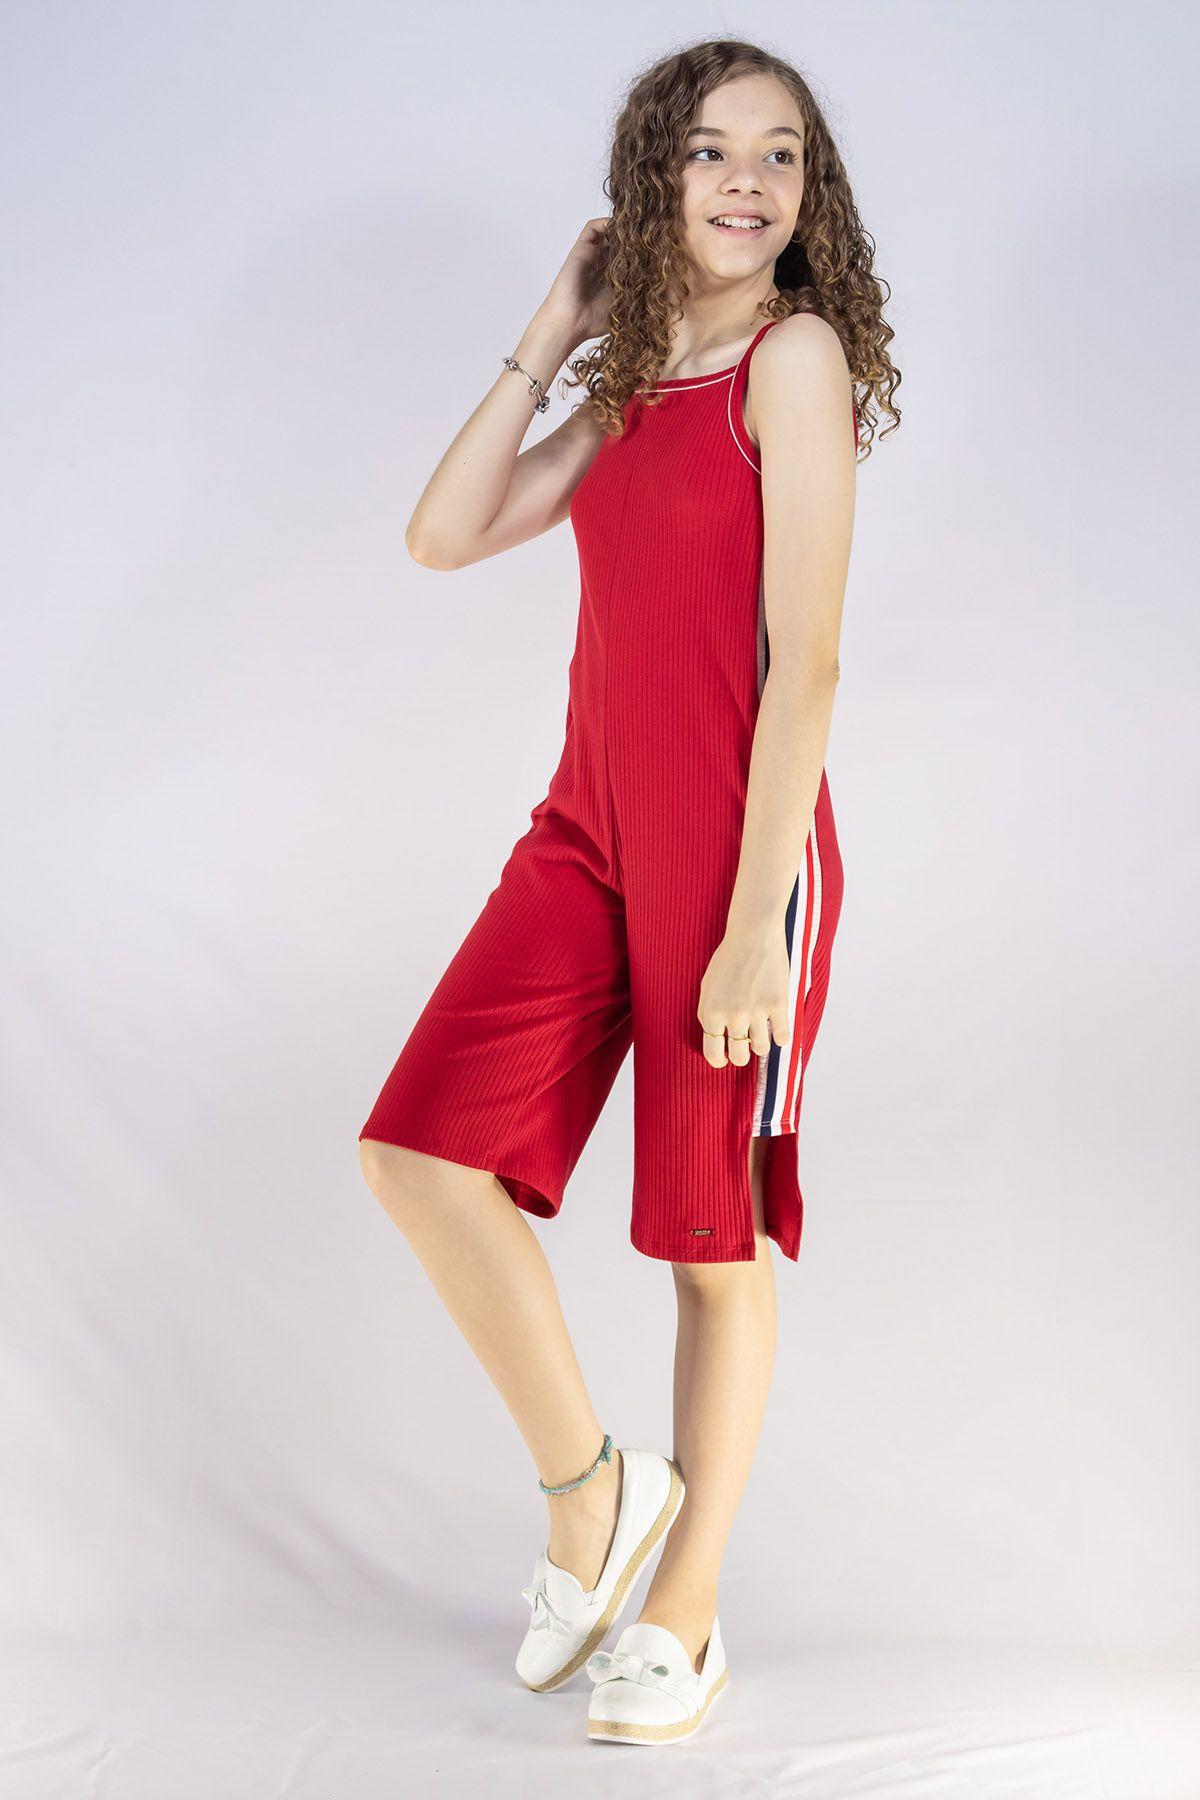 Macacão Menina Animê Canelado Vermelho e Faixa Lateral N0136